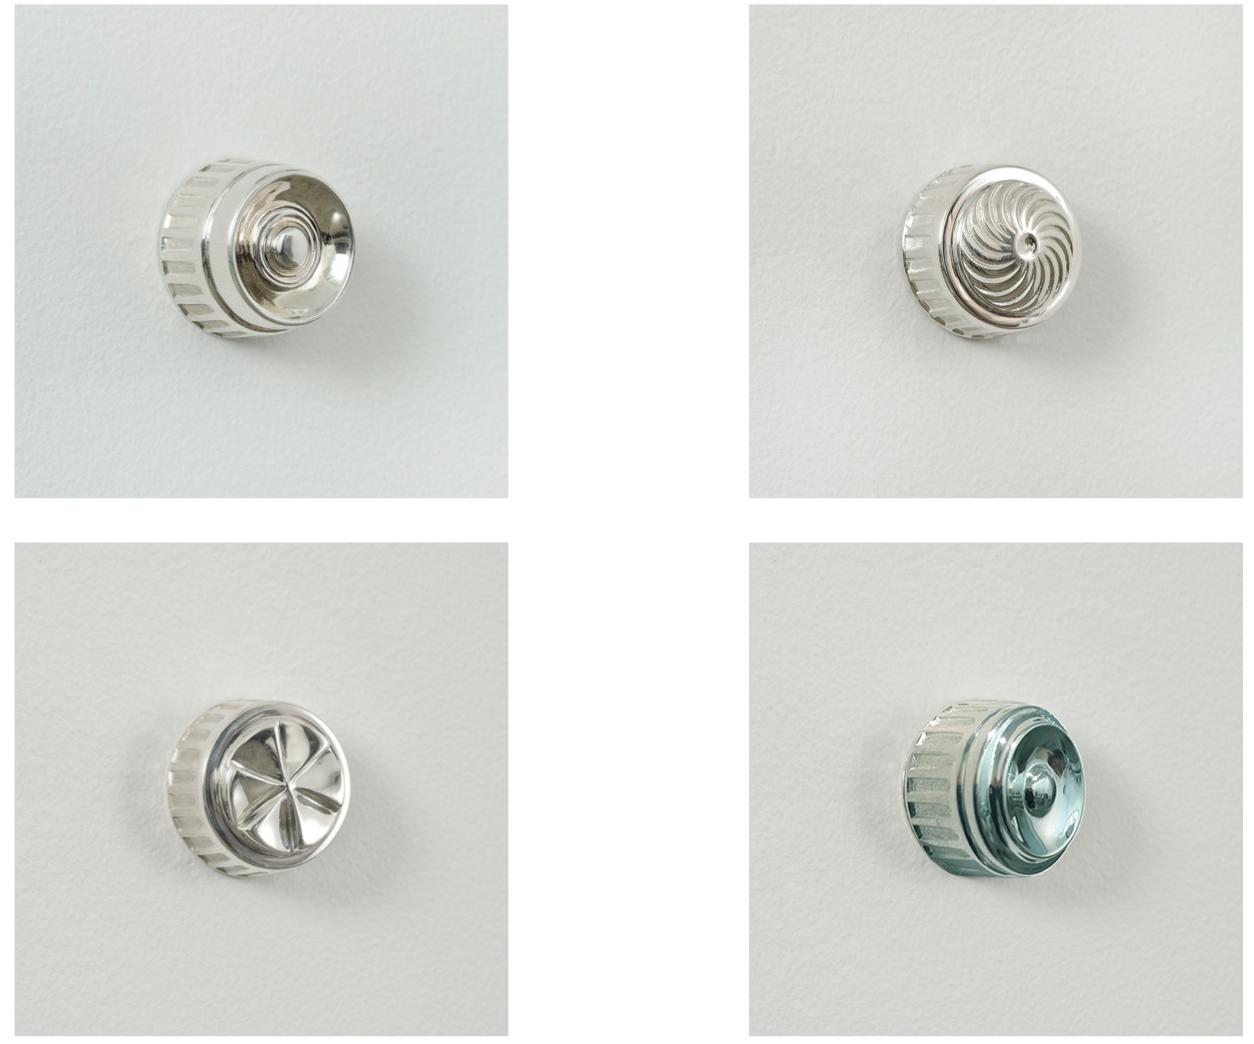 Paul Weston, Optic, Oeil, Ojo, Oculus, cast silver, 2016